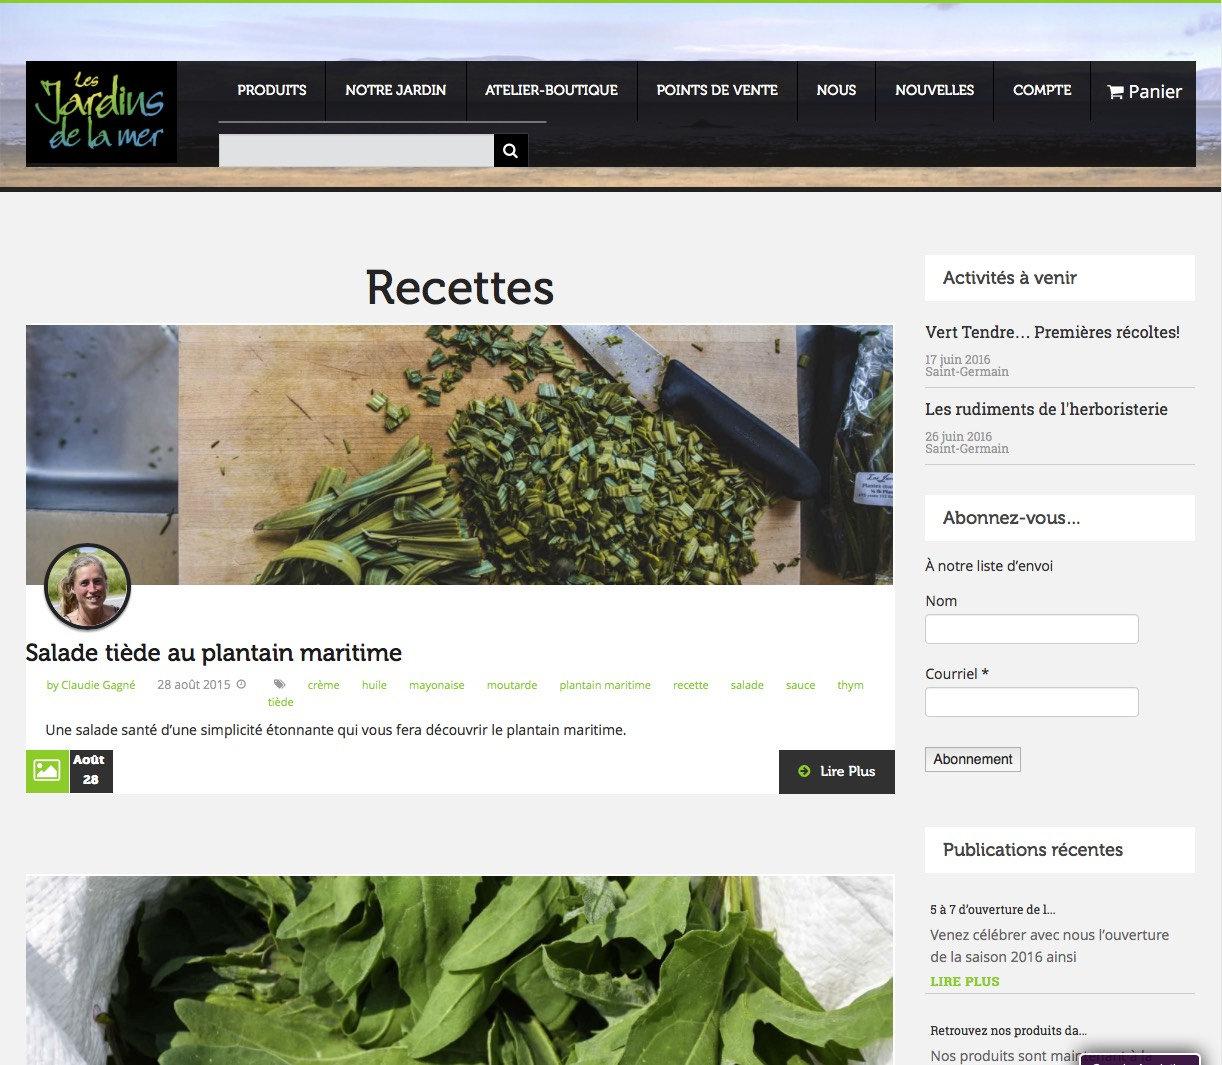 Page de publication de recettes.